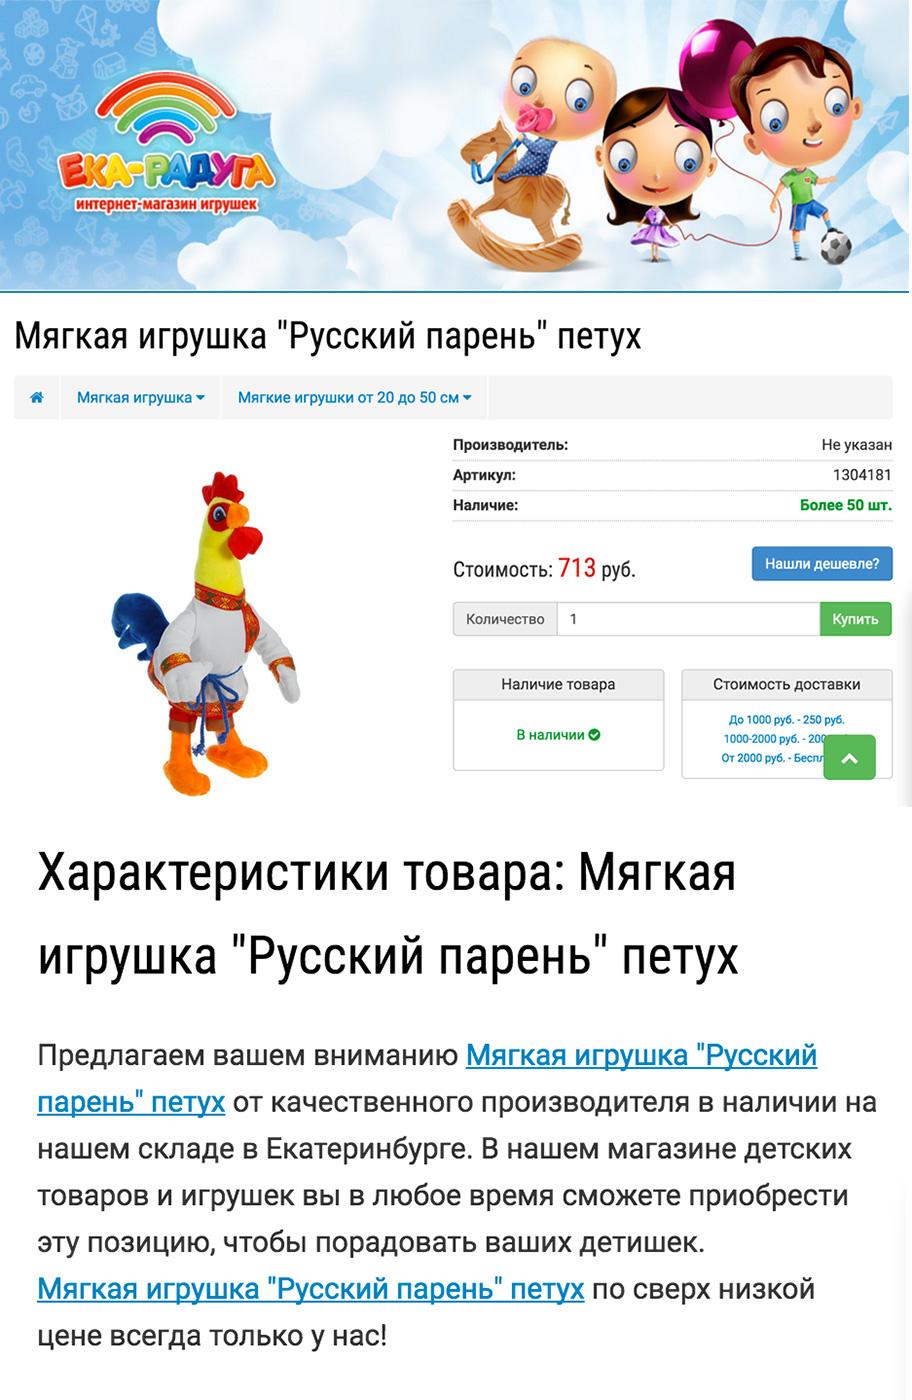 игрушка русский парень петух